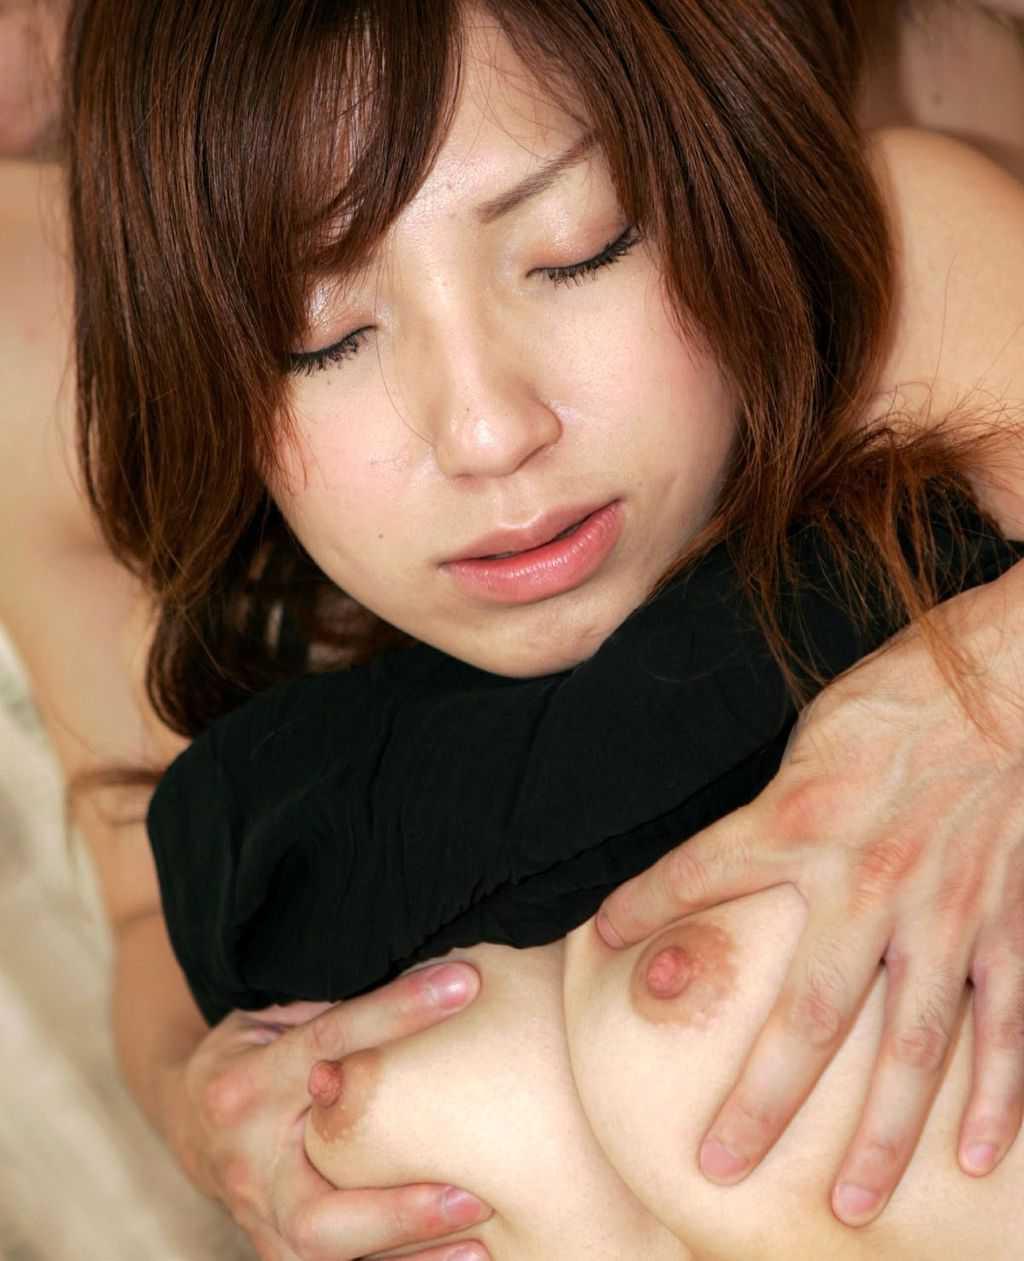 デカい乳房を両手で掴まれる (7)